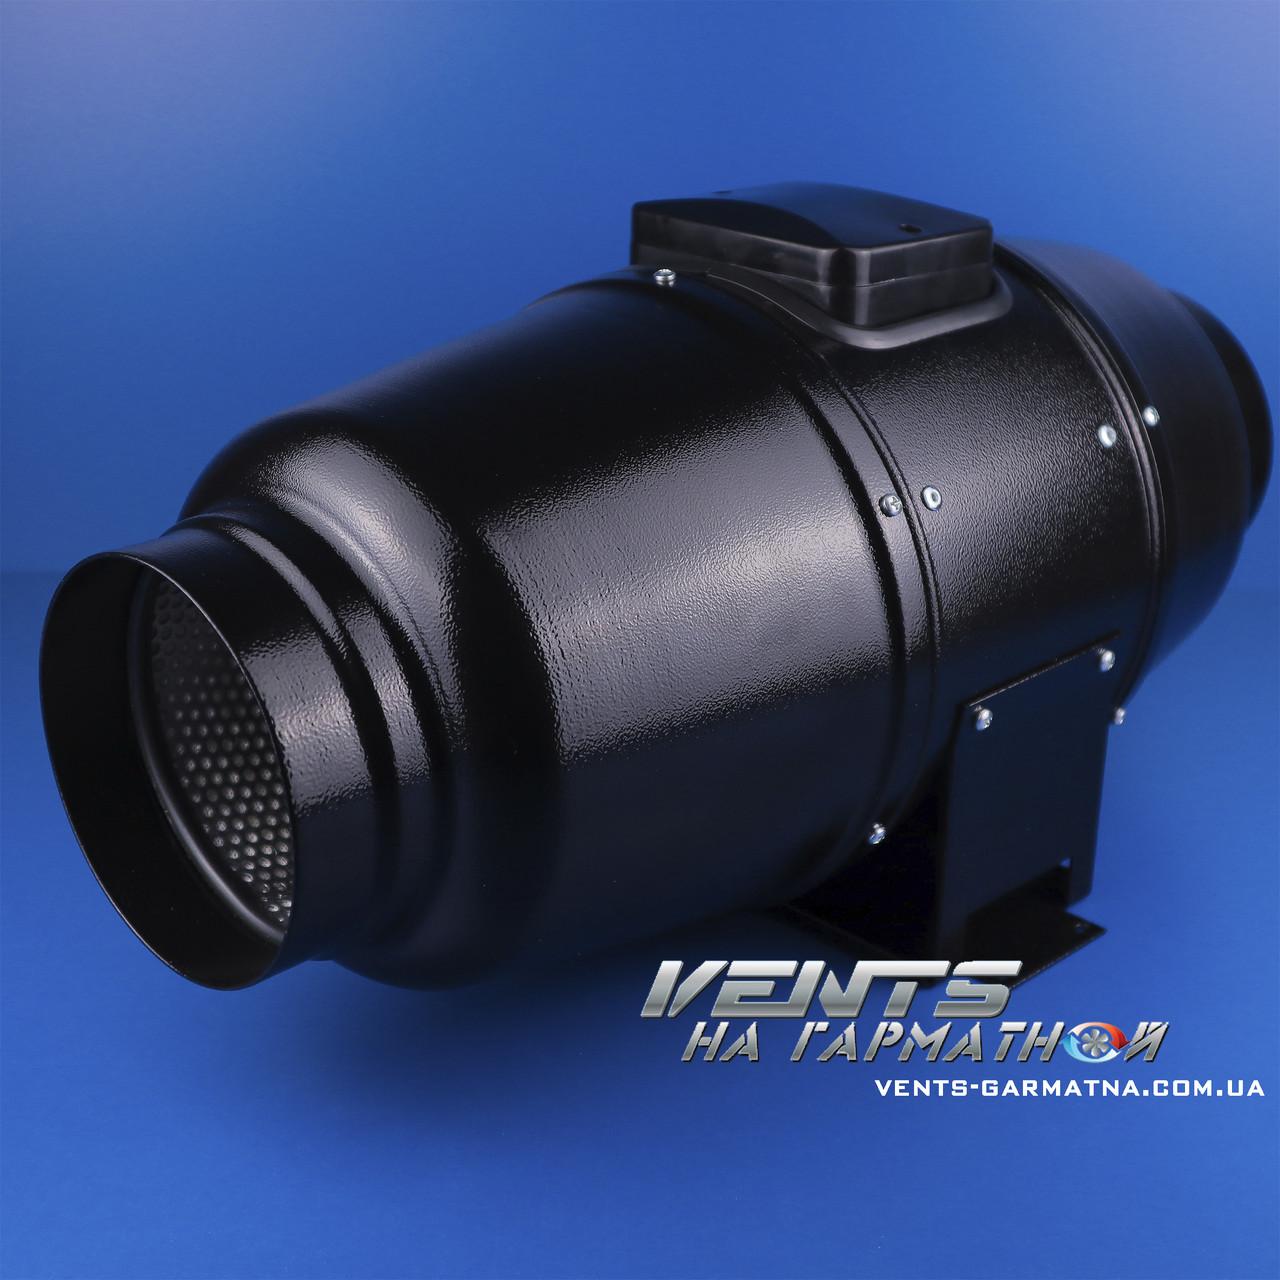 Вентс ТТ Сайлент-М 125 Вентилятор в шумоизолированном корпусе